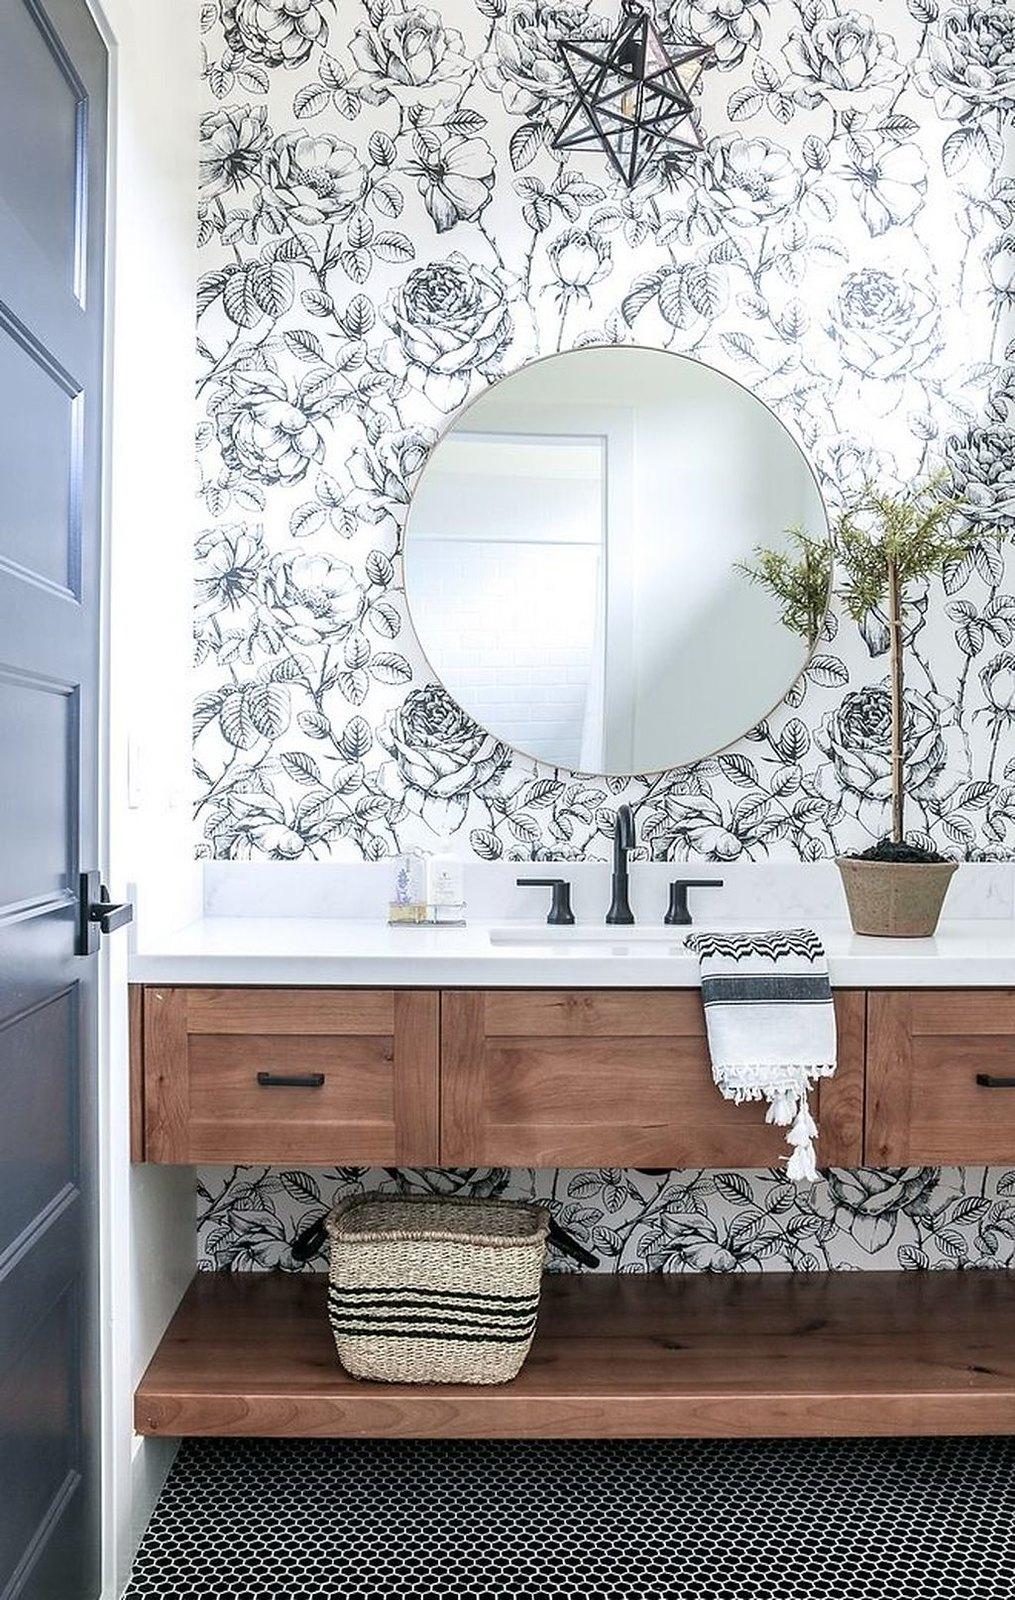 Farmhouse Bathroom Inspiration | Black White Flower Wallpaper Bathroom | Floral Wallpapered Bathroom Ideas